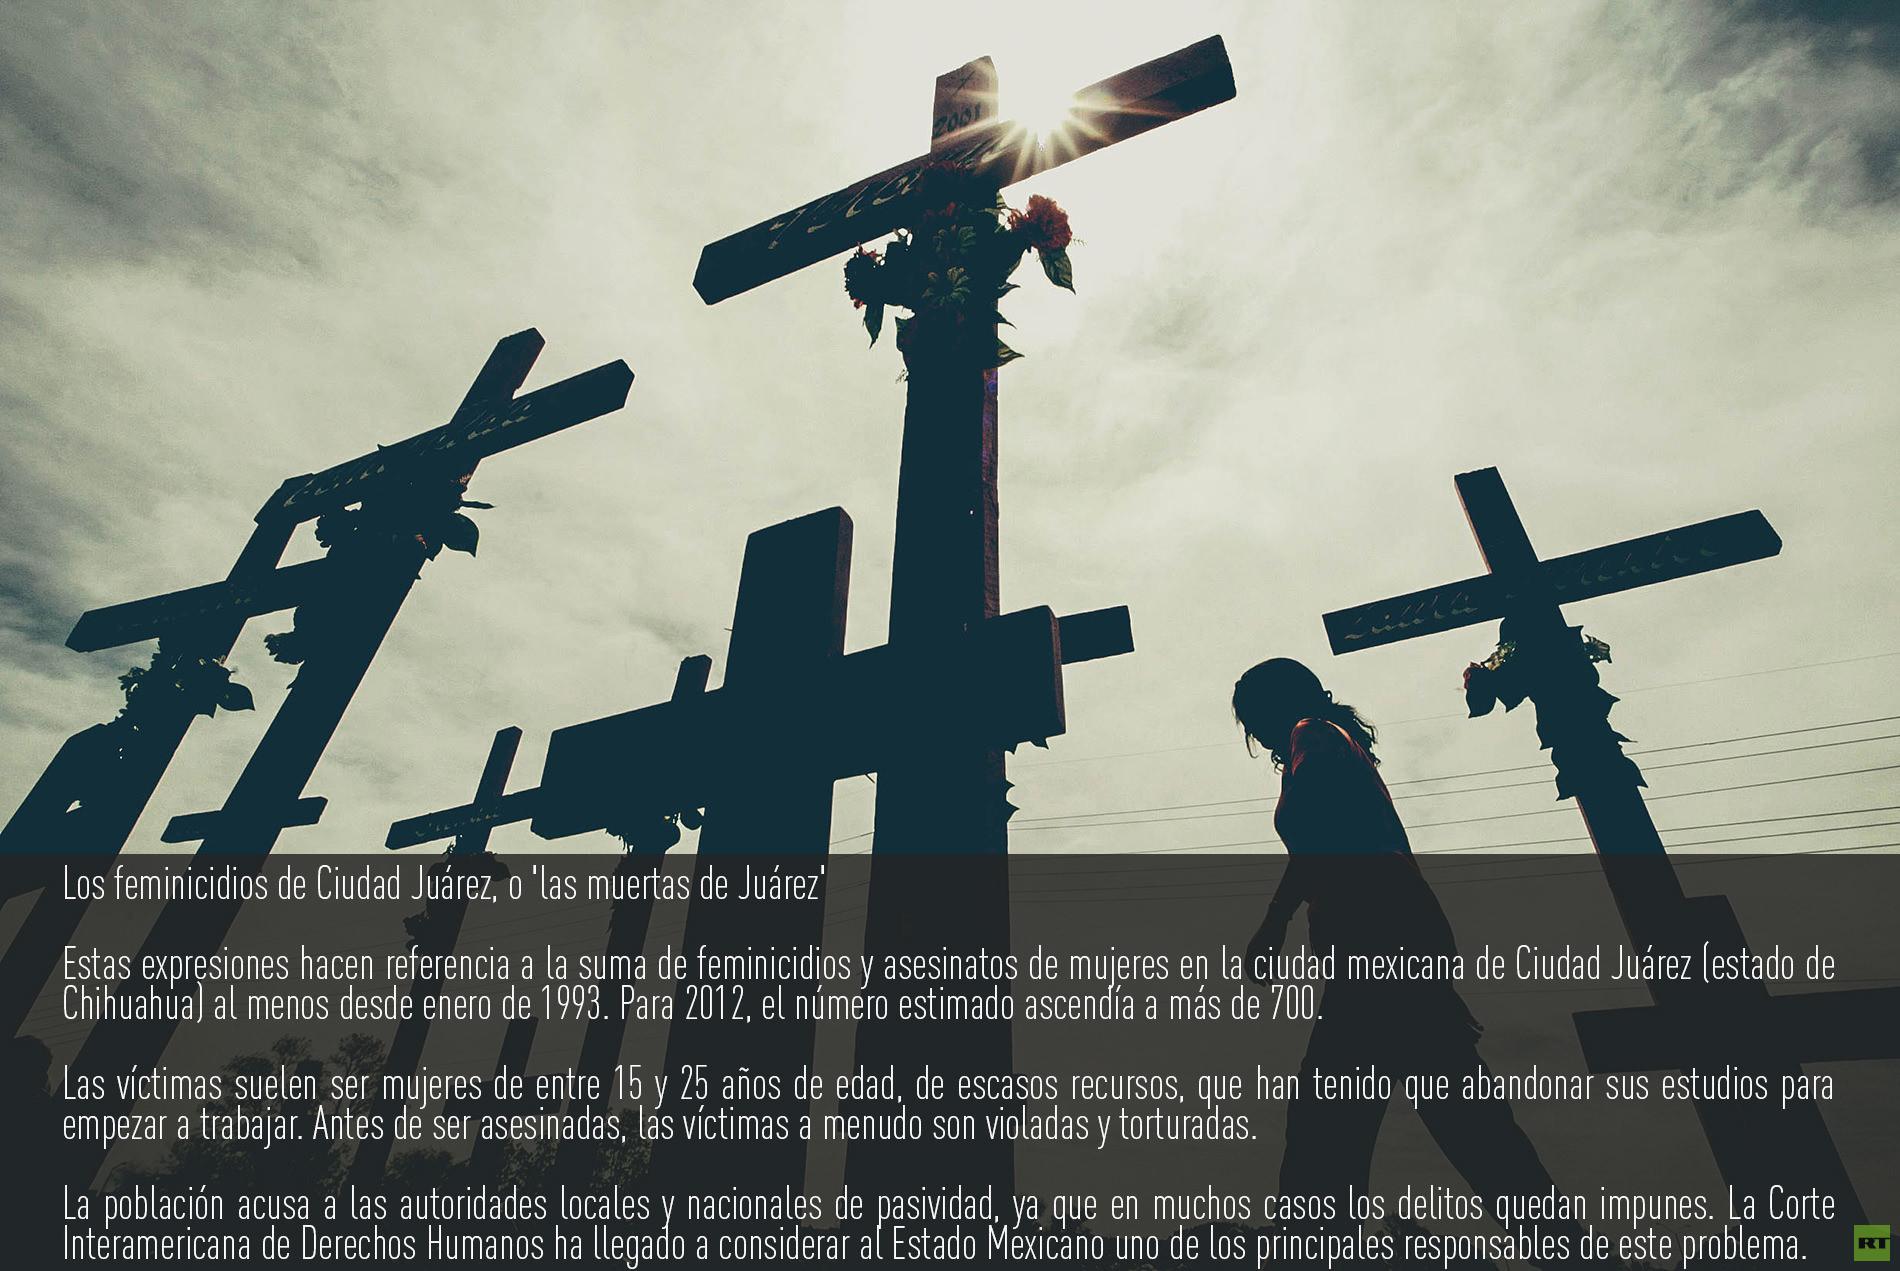 Los feminicidios de Ciudad Juárez, o 'las muertas de Juárez'